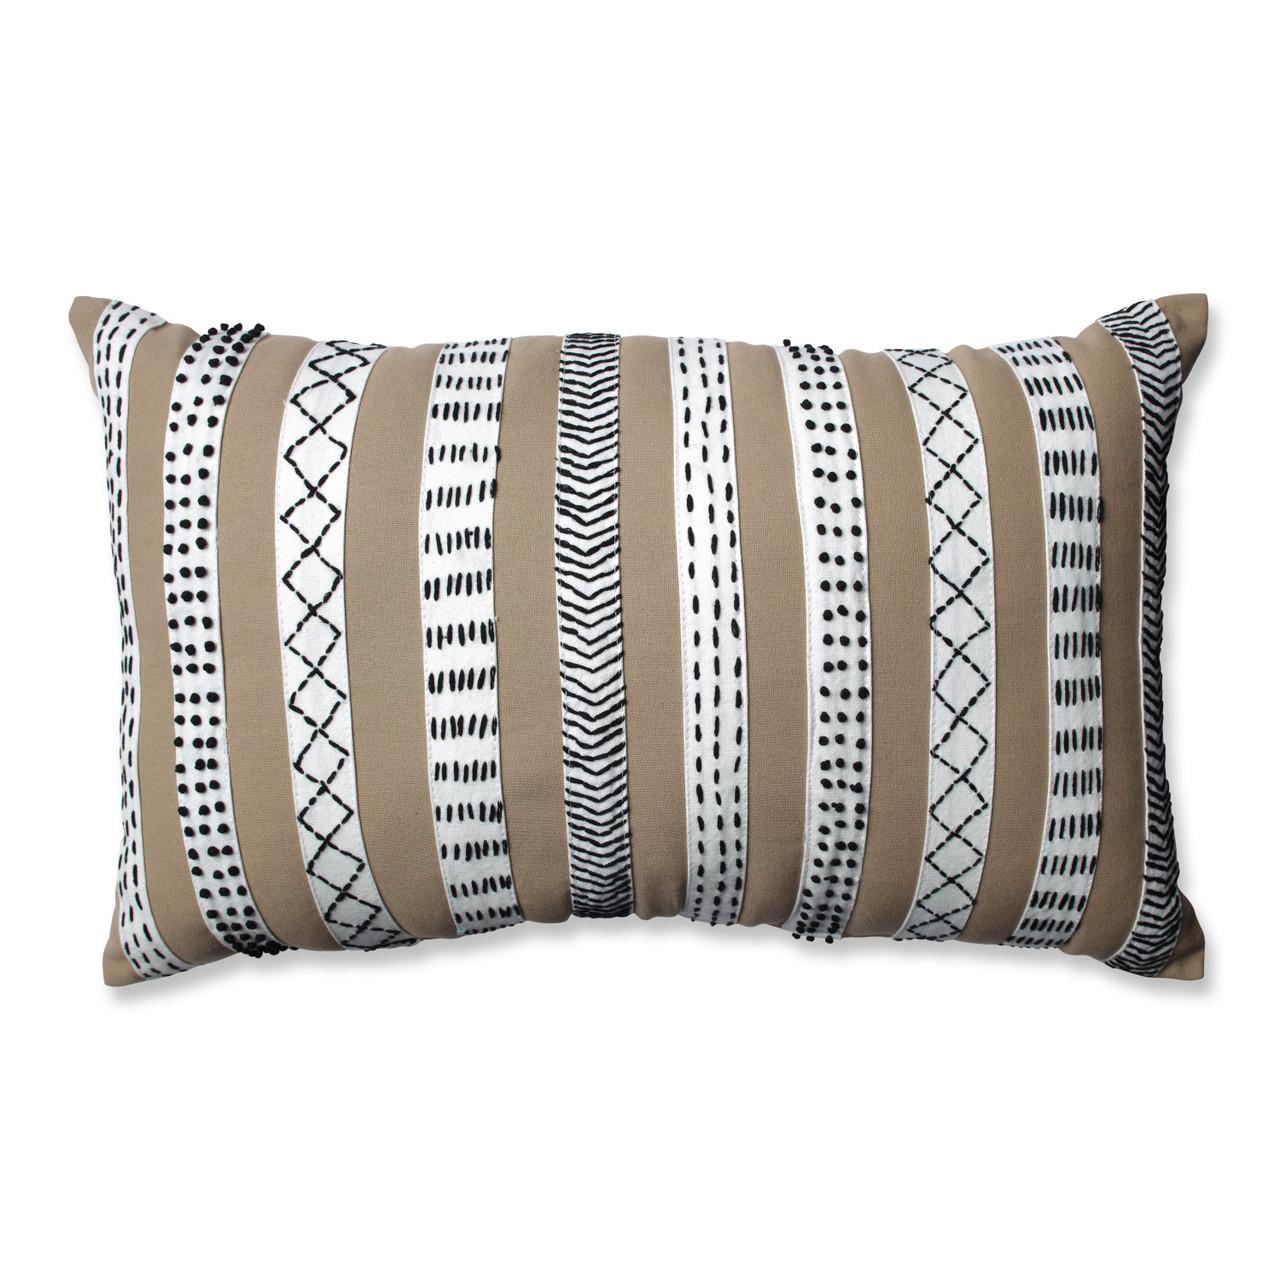 Pillow Perfect Tribal Bands Rectangular Throw Pillow Rust//Cream//Black